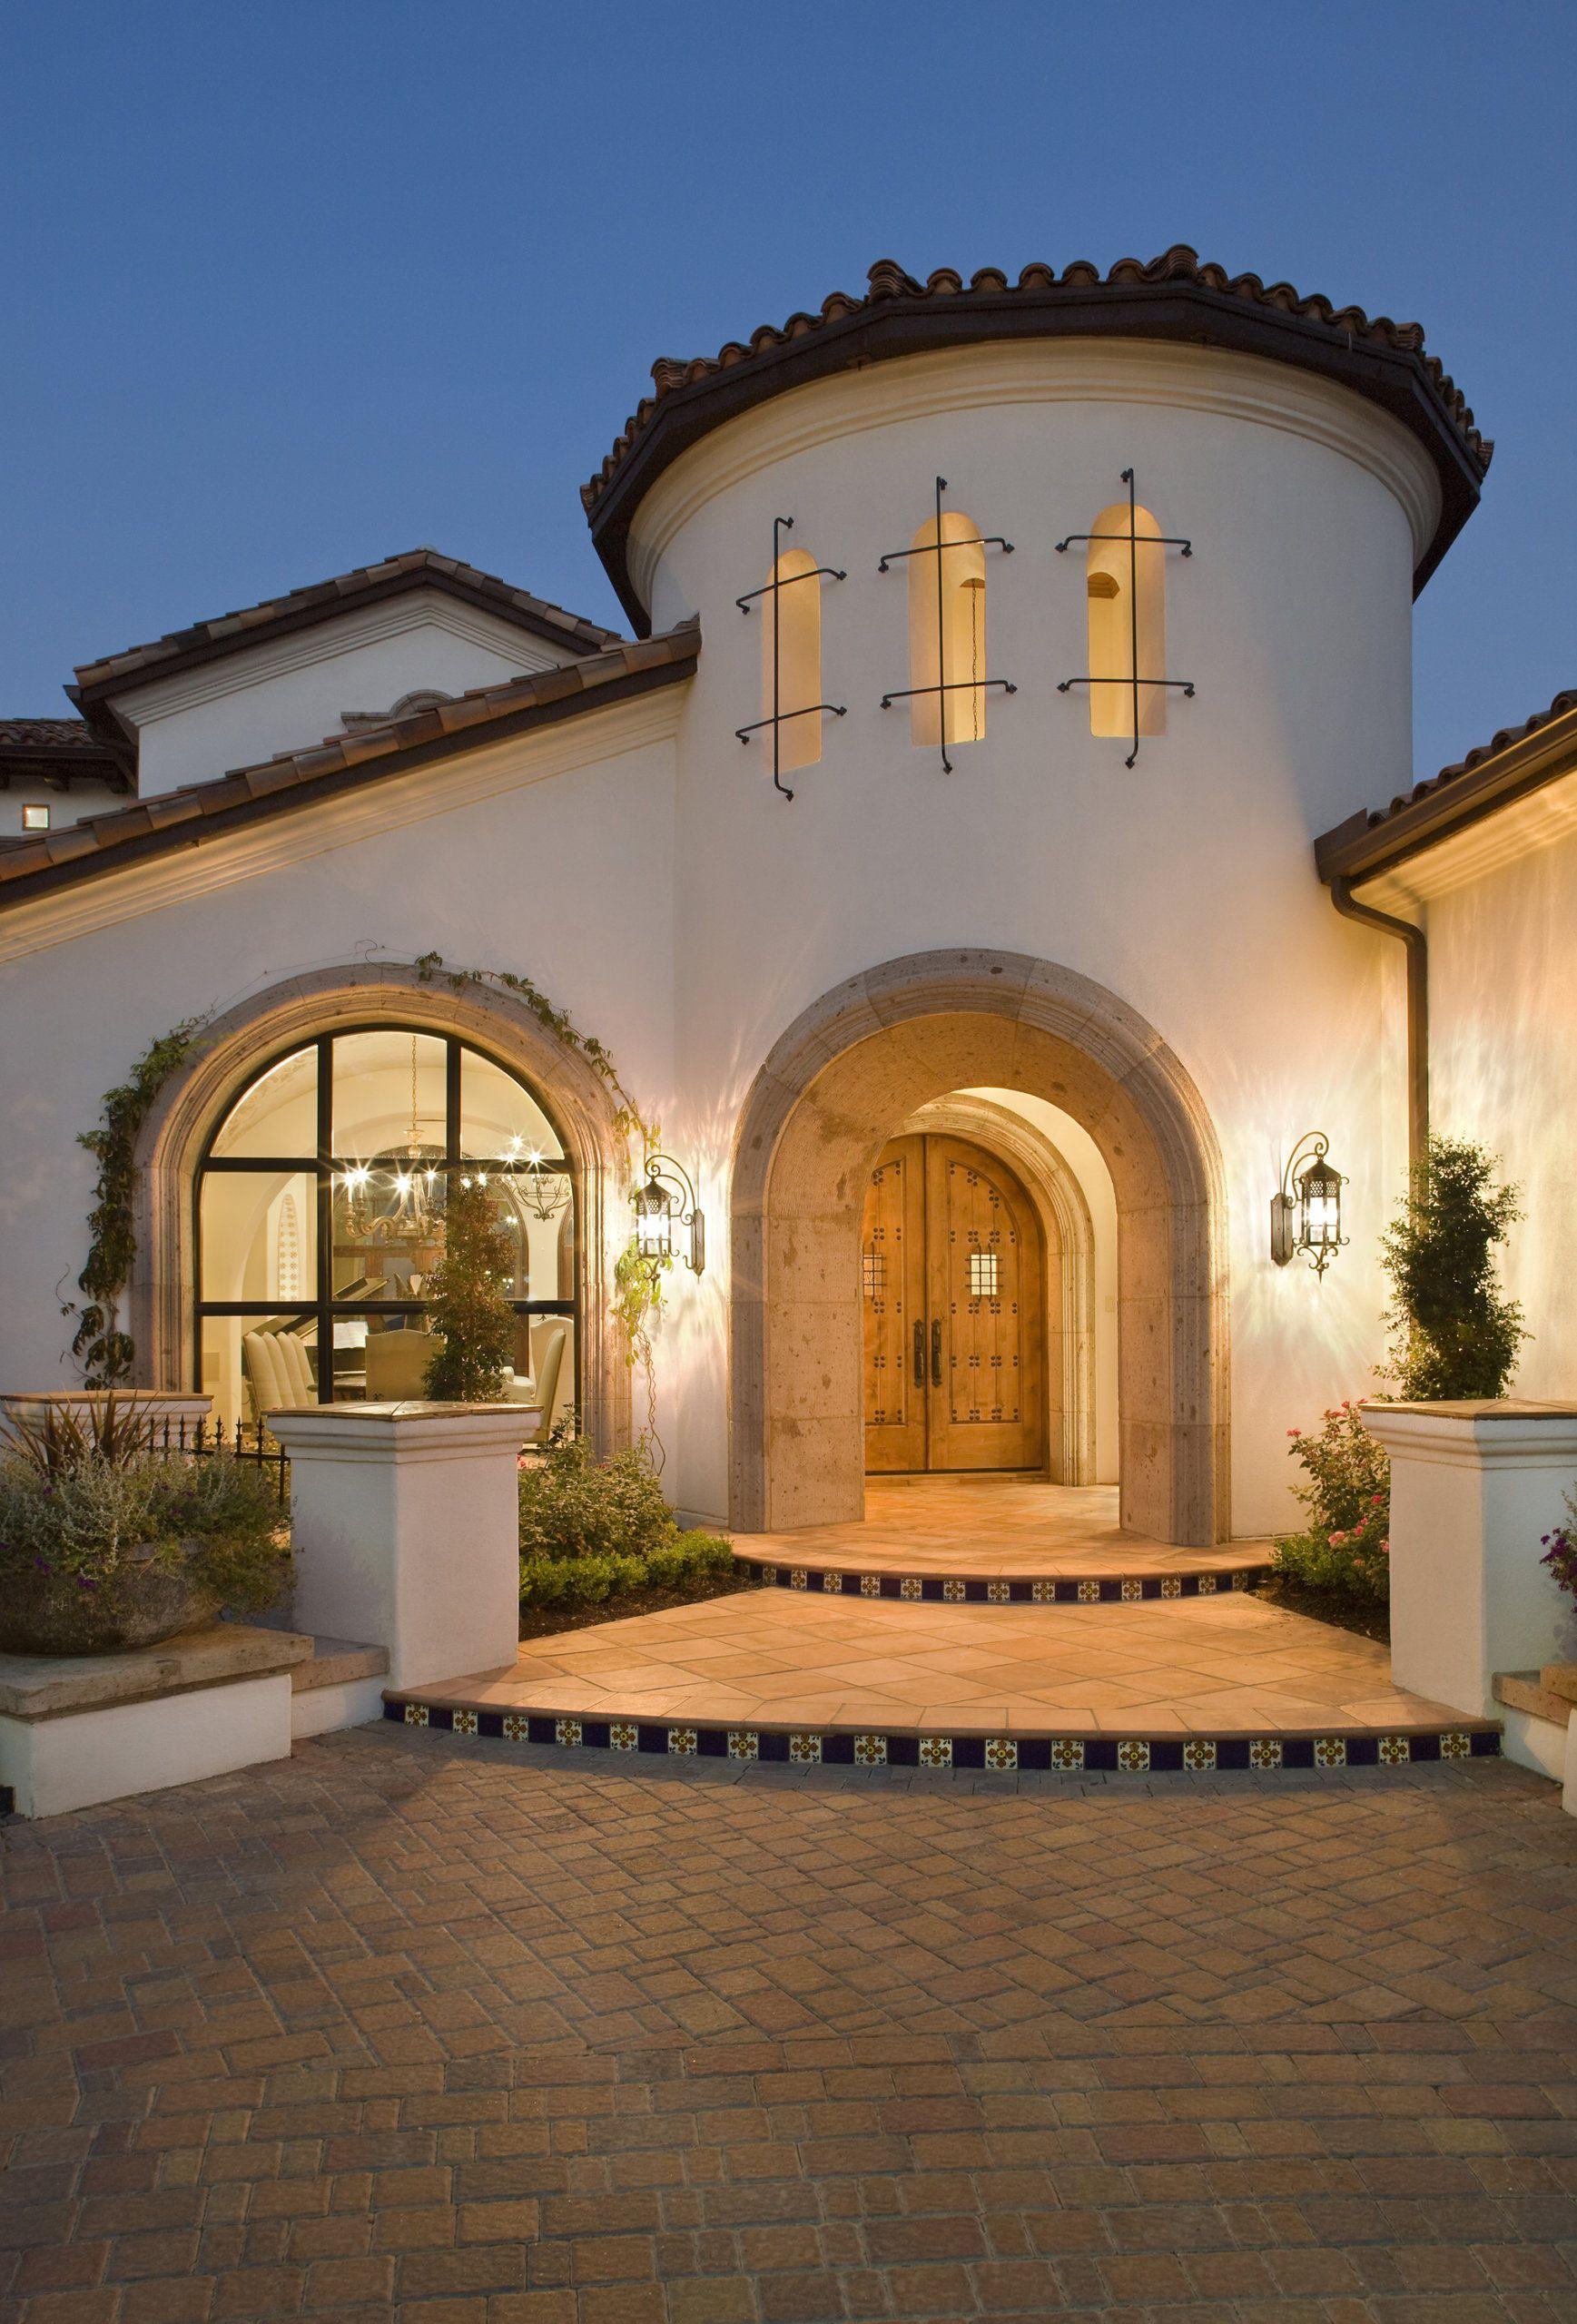 Santa Barbara Jauregui Architects In 2021 Mediterranean Homes Spanish Style Homes Mediterranean Homes Exterior